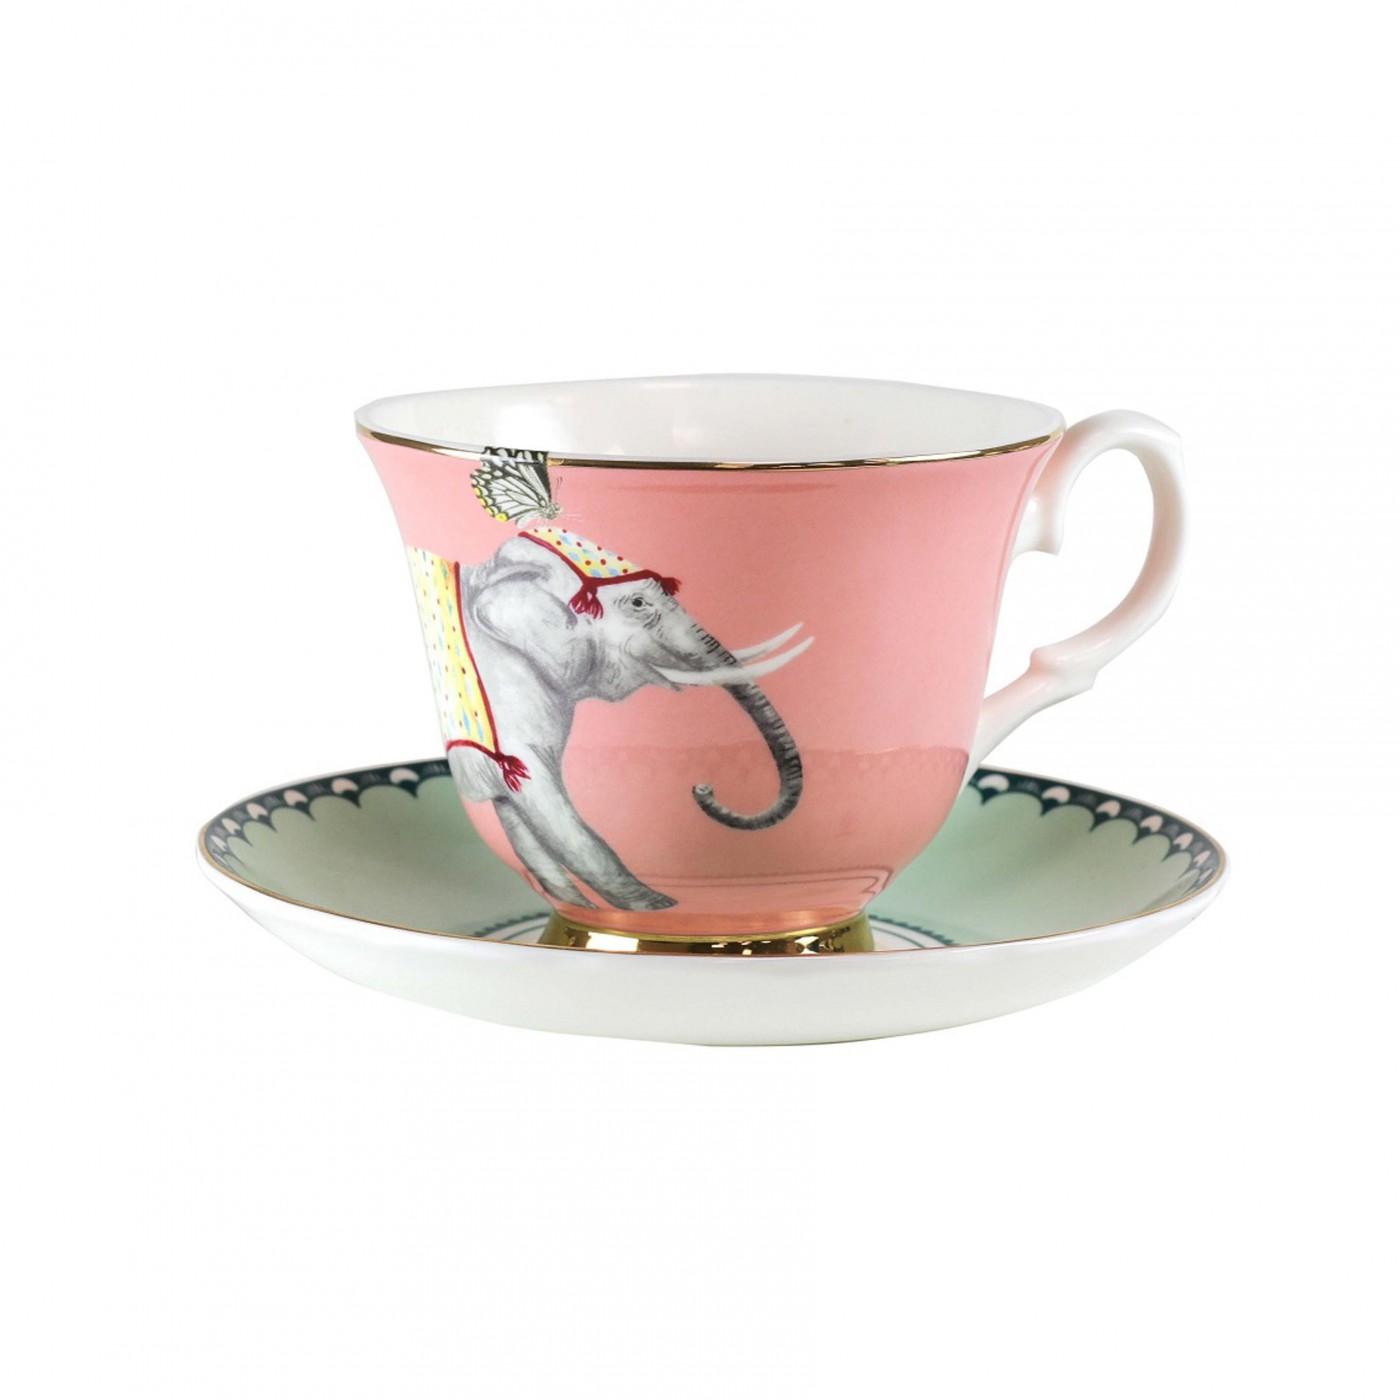 Tasse à thé et soucoupe en porcelaine éléphant